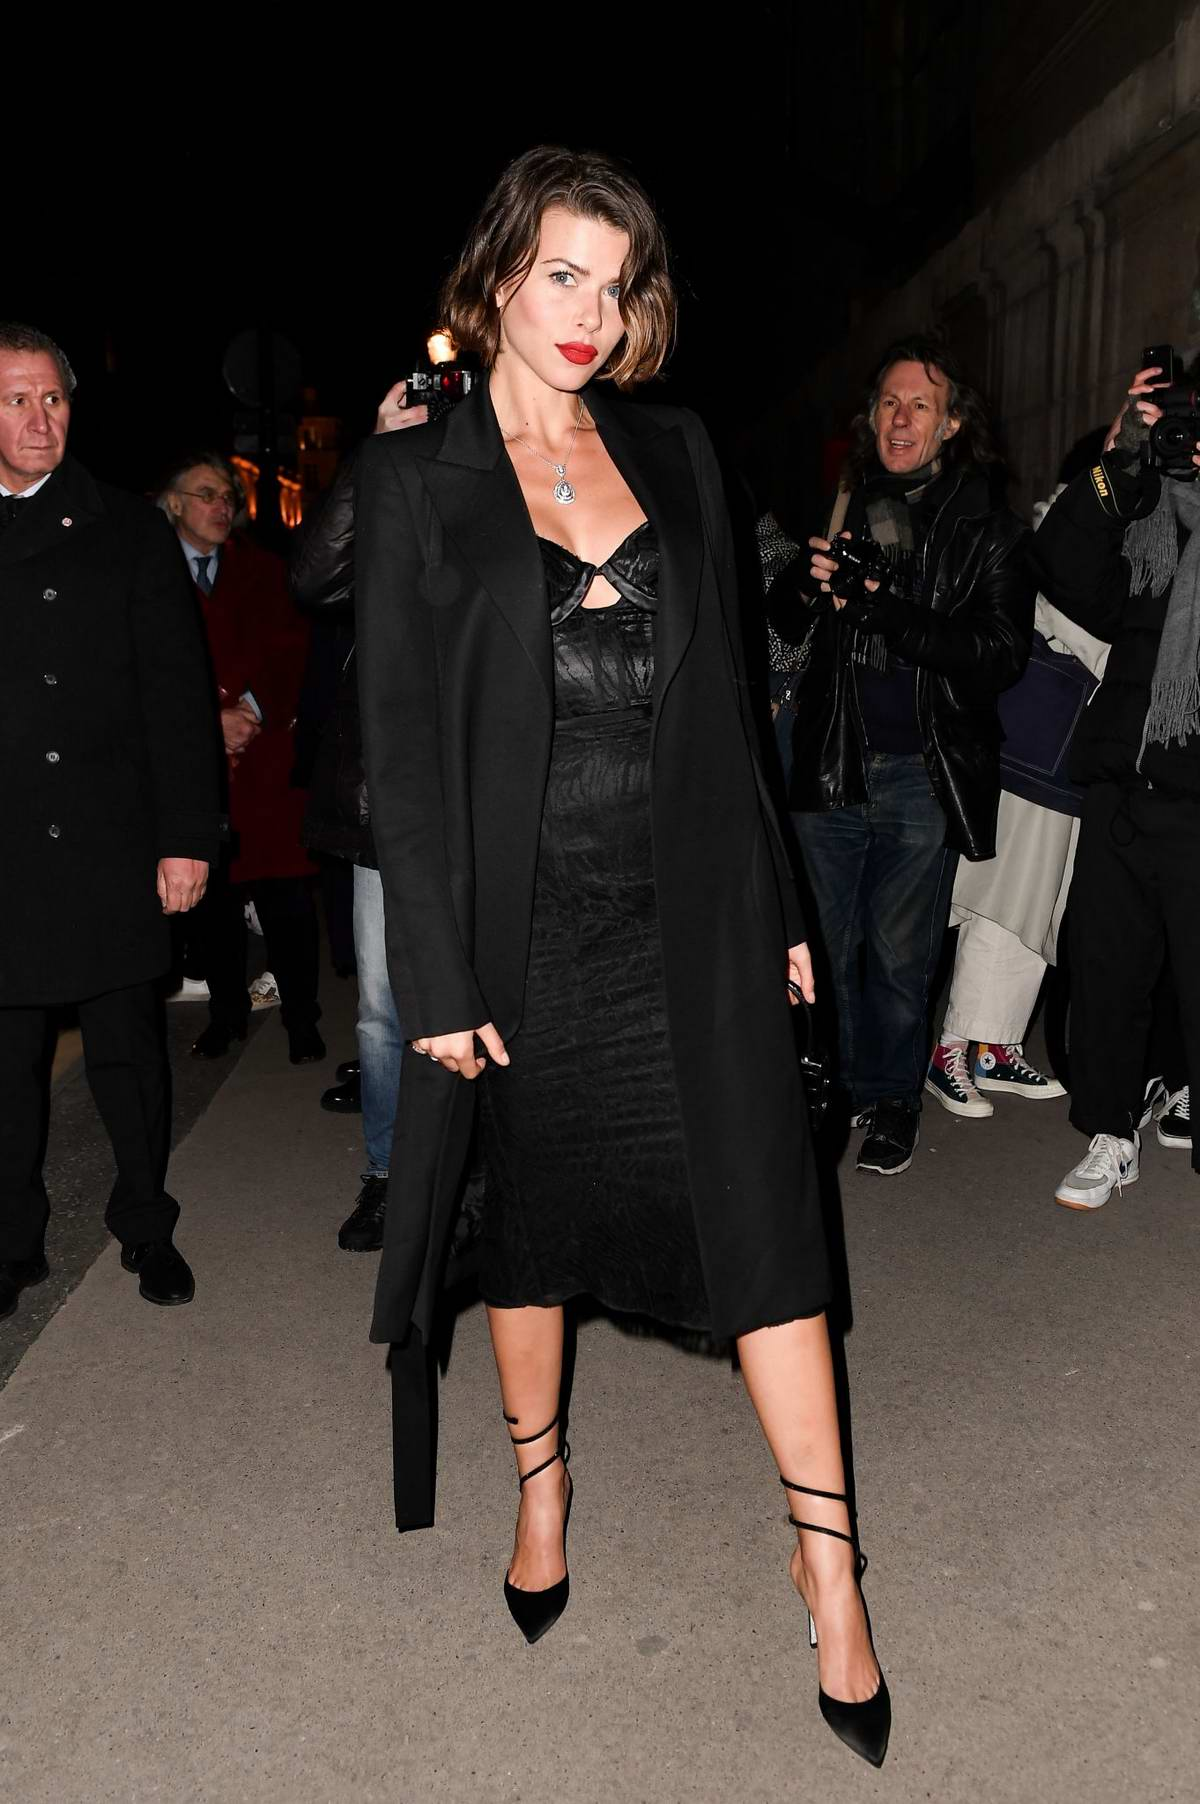 Georgia Fowler attends the Harper's Bazaar gala during Paris Fashion Week 2020 in Paris, France